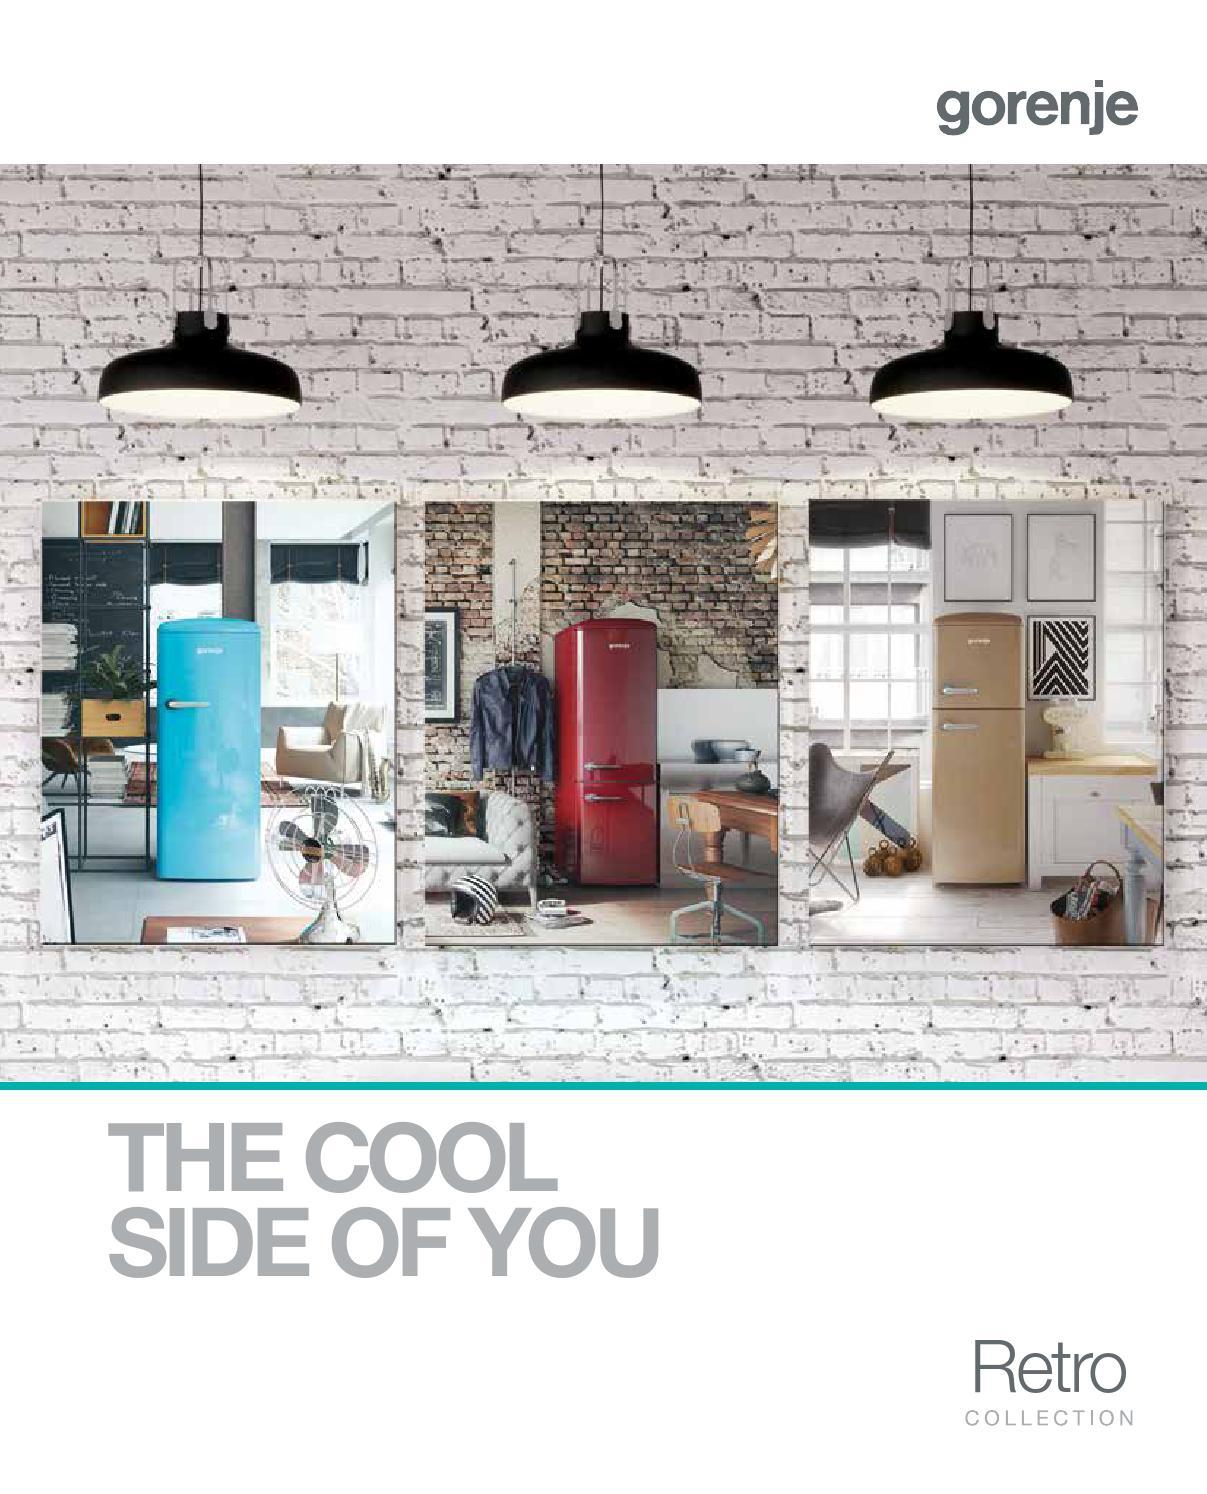 gorenje retro brochrue 2016 by gorenje d d issuu. Black Bedroom Furniture Sets. Home Design Ideas